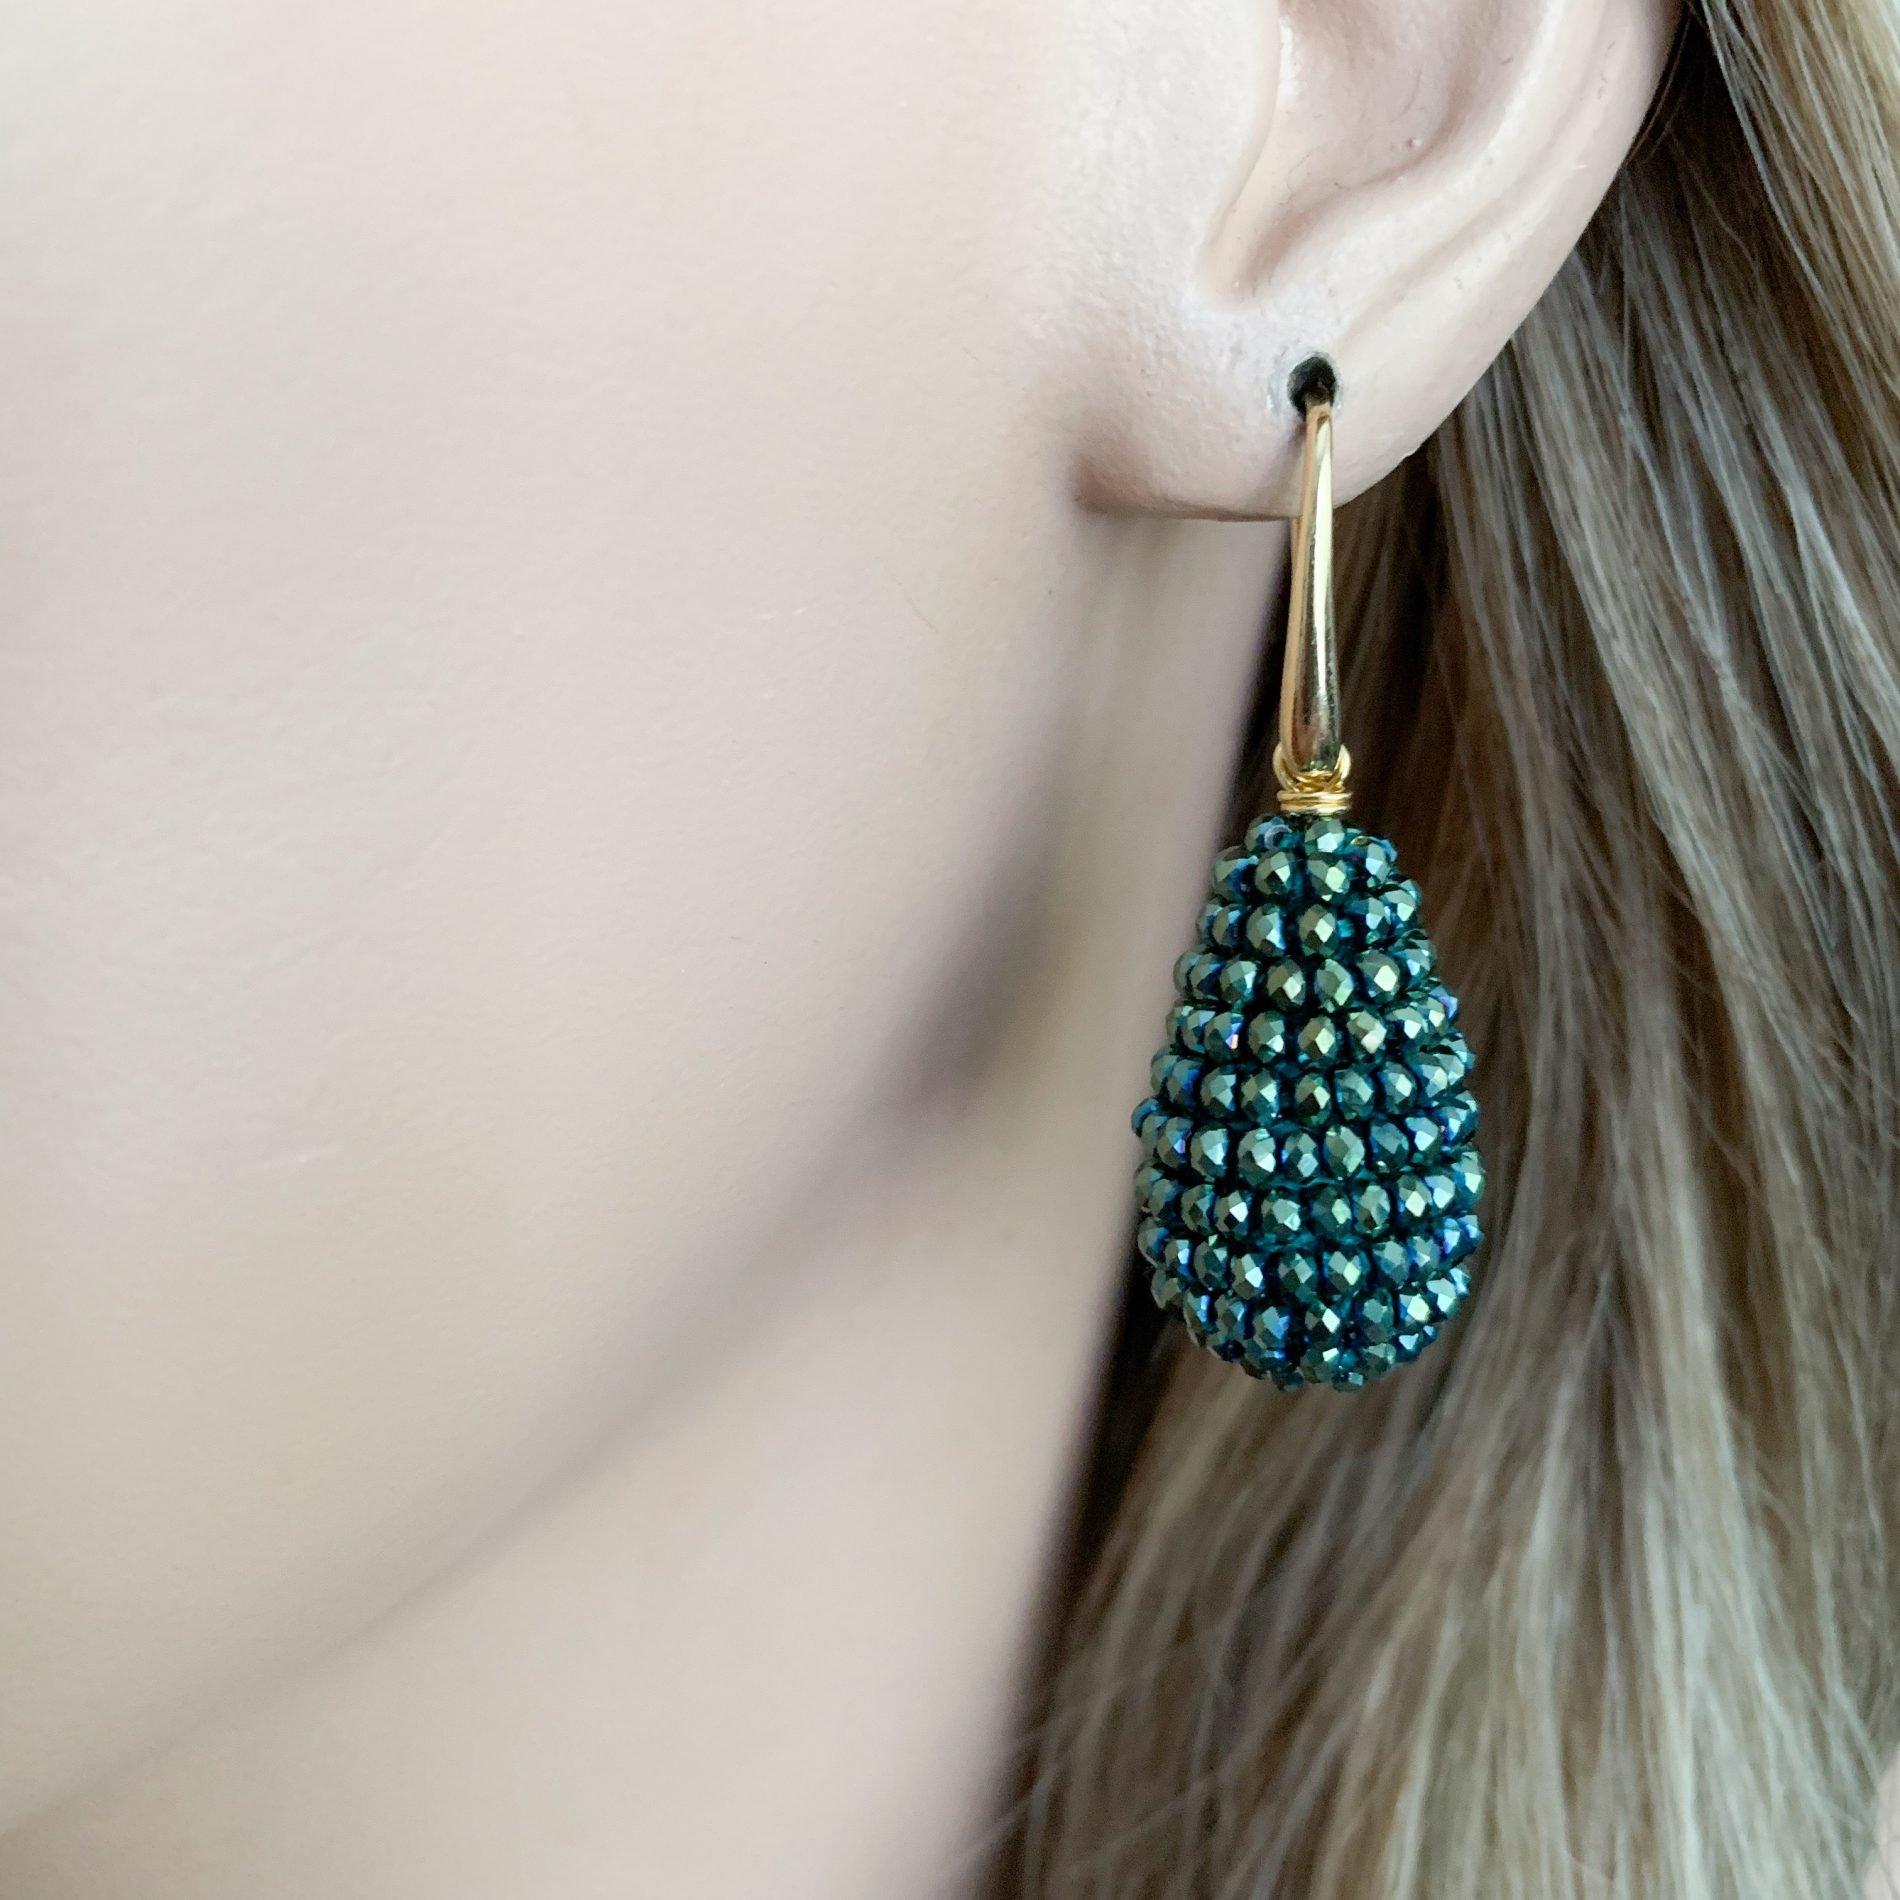 Groen/blauw kristallen oorbellen